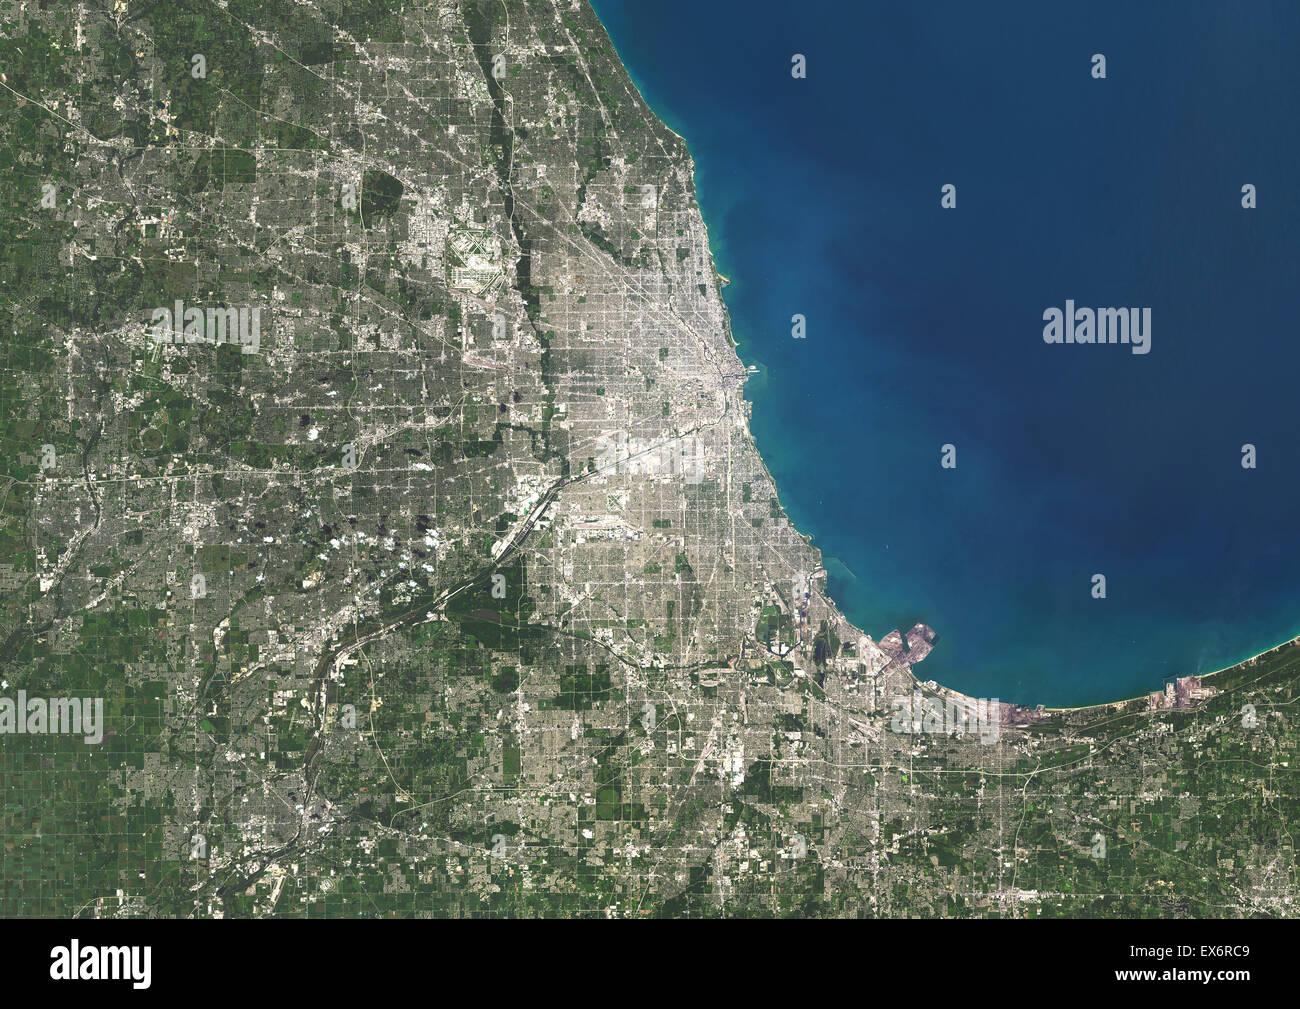 Colour Satellite Image Of Chicago Illinois USA Image Taken On - Chicago map satellite